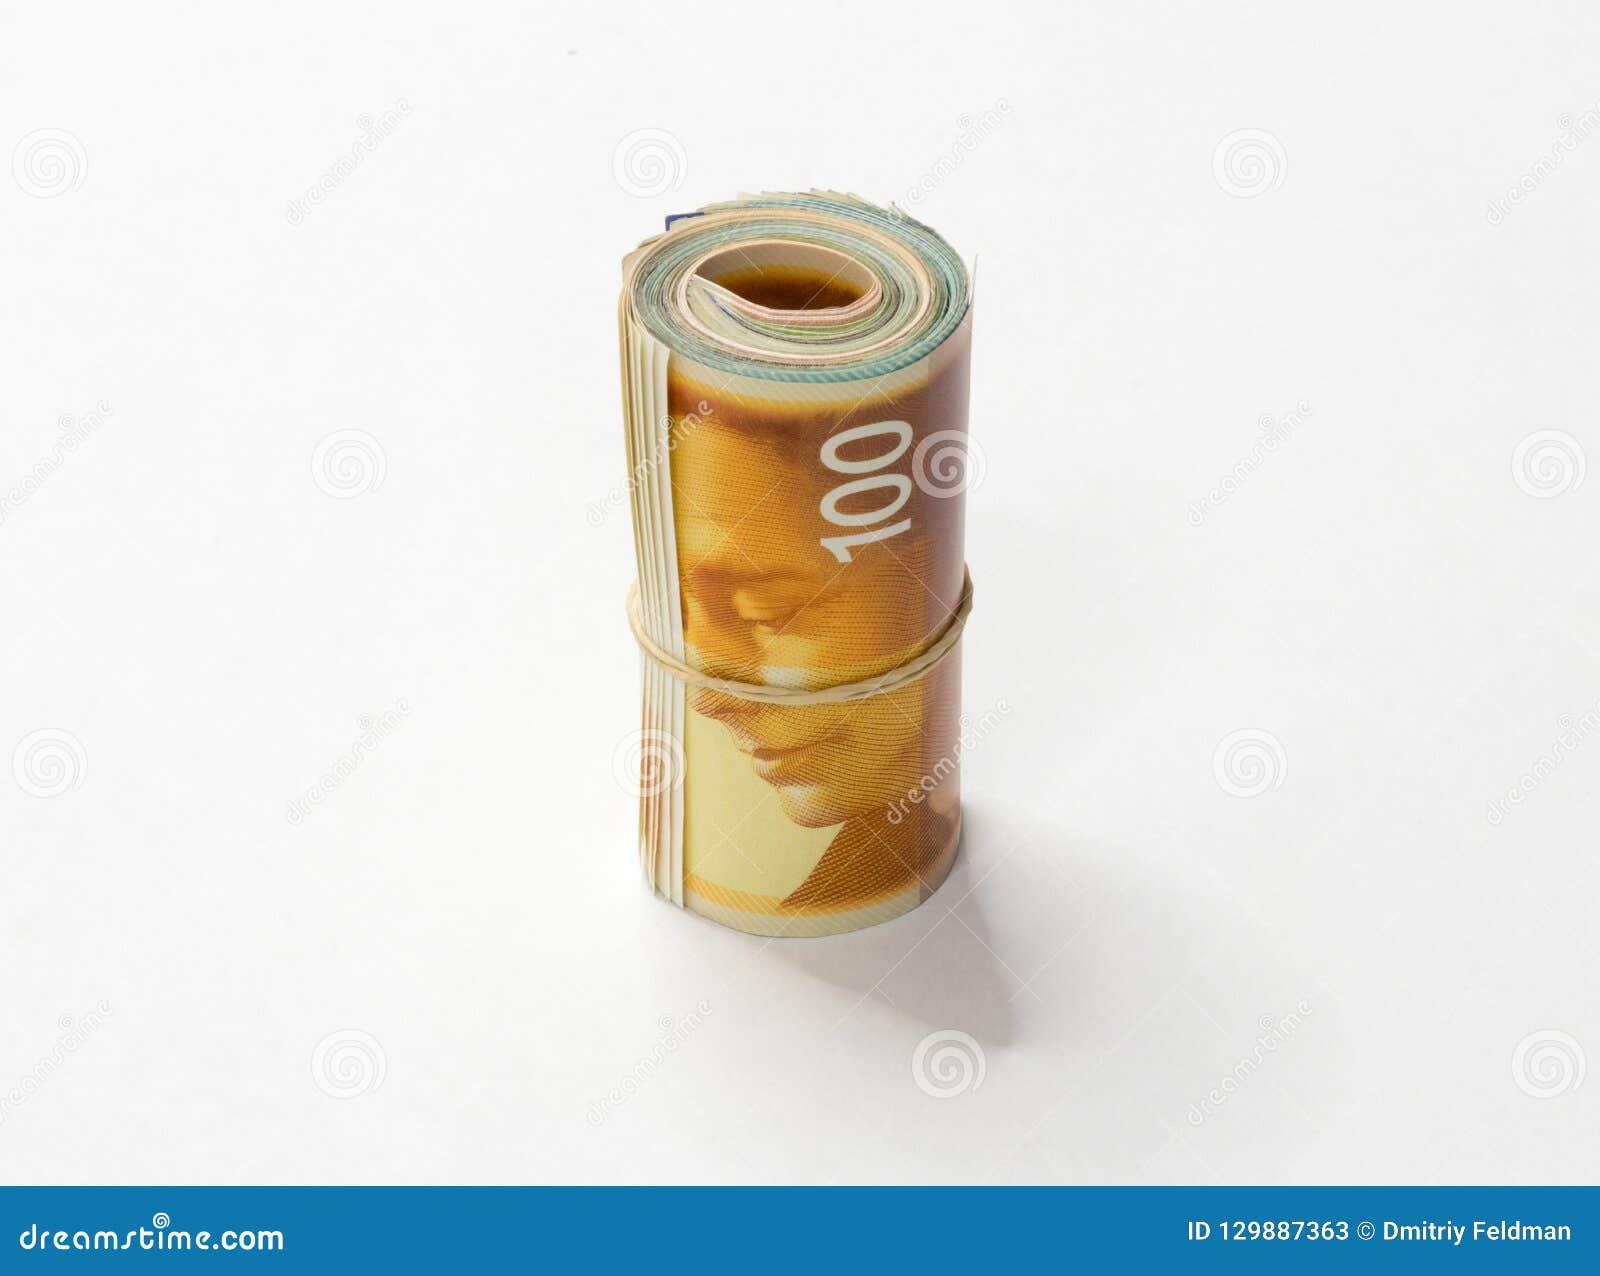 Un mazzo di nuovi soldi israeliani di NIS degli shekel nota acciambellato e tenuti insieme con un elastico semplice isolato su un